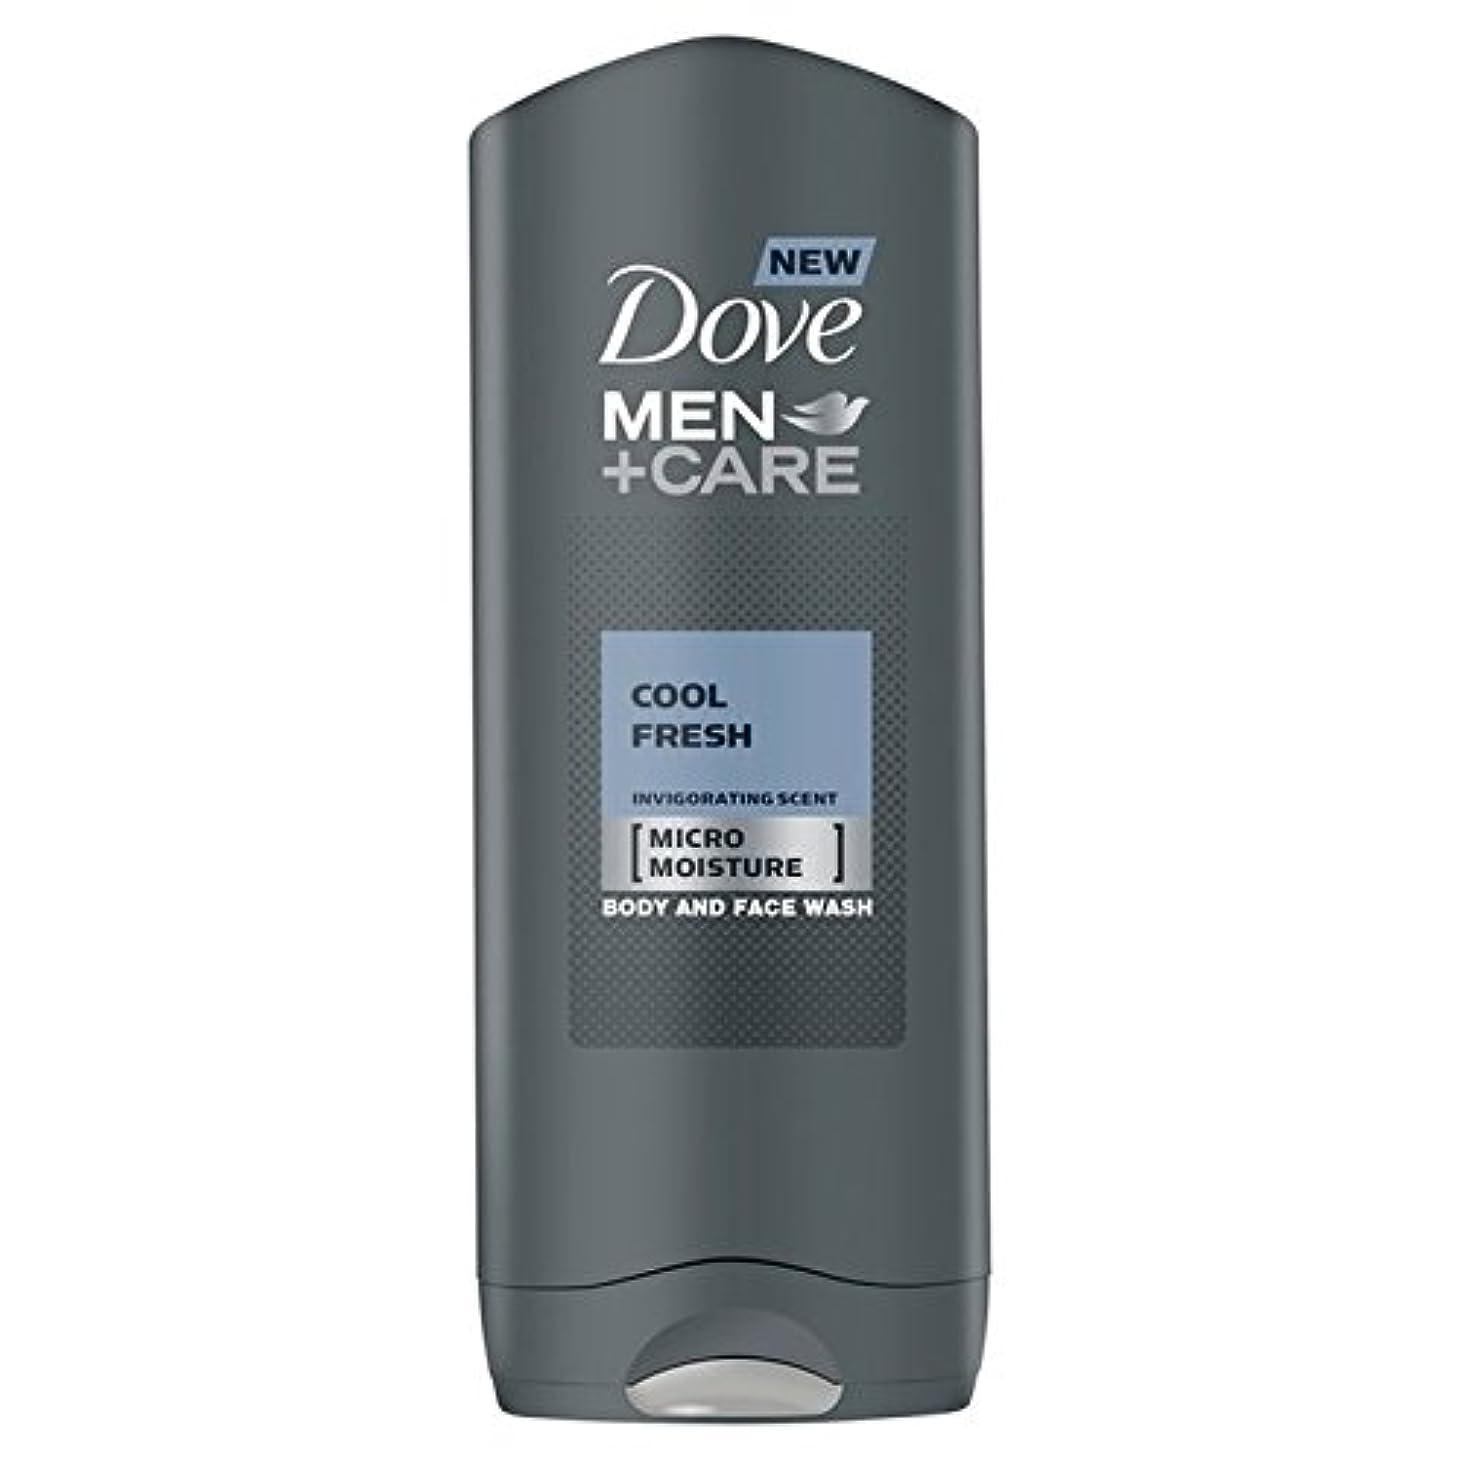 希望に満ちた女優分子Dove Men+Care Cool Fresh Shower Gel 400ml - クールフレッシュシャワージェル400ミリリットルケア+鳩の男性 [並行輸入品]